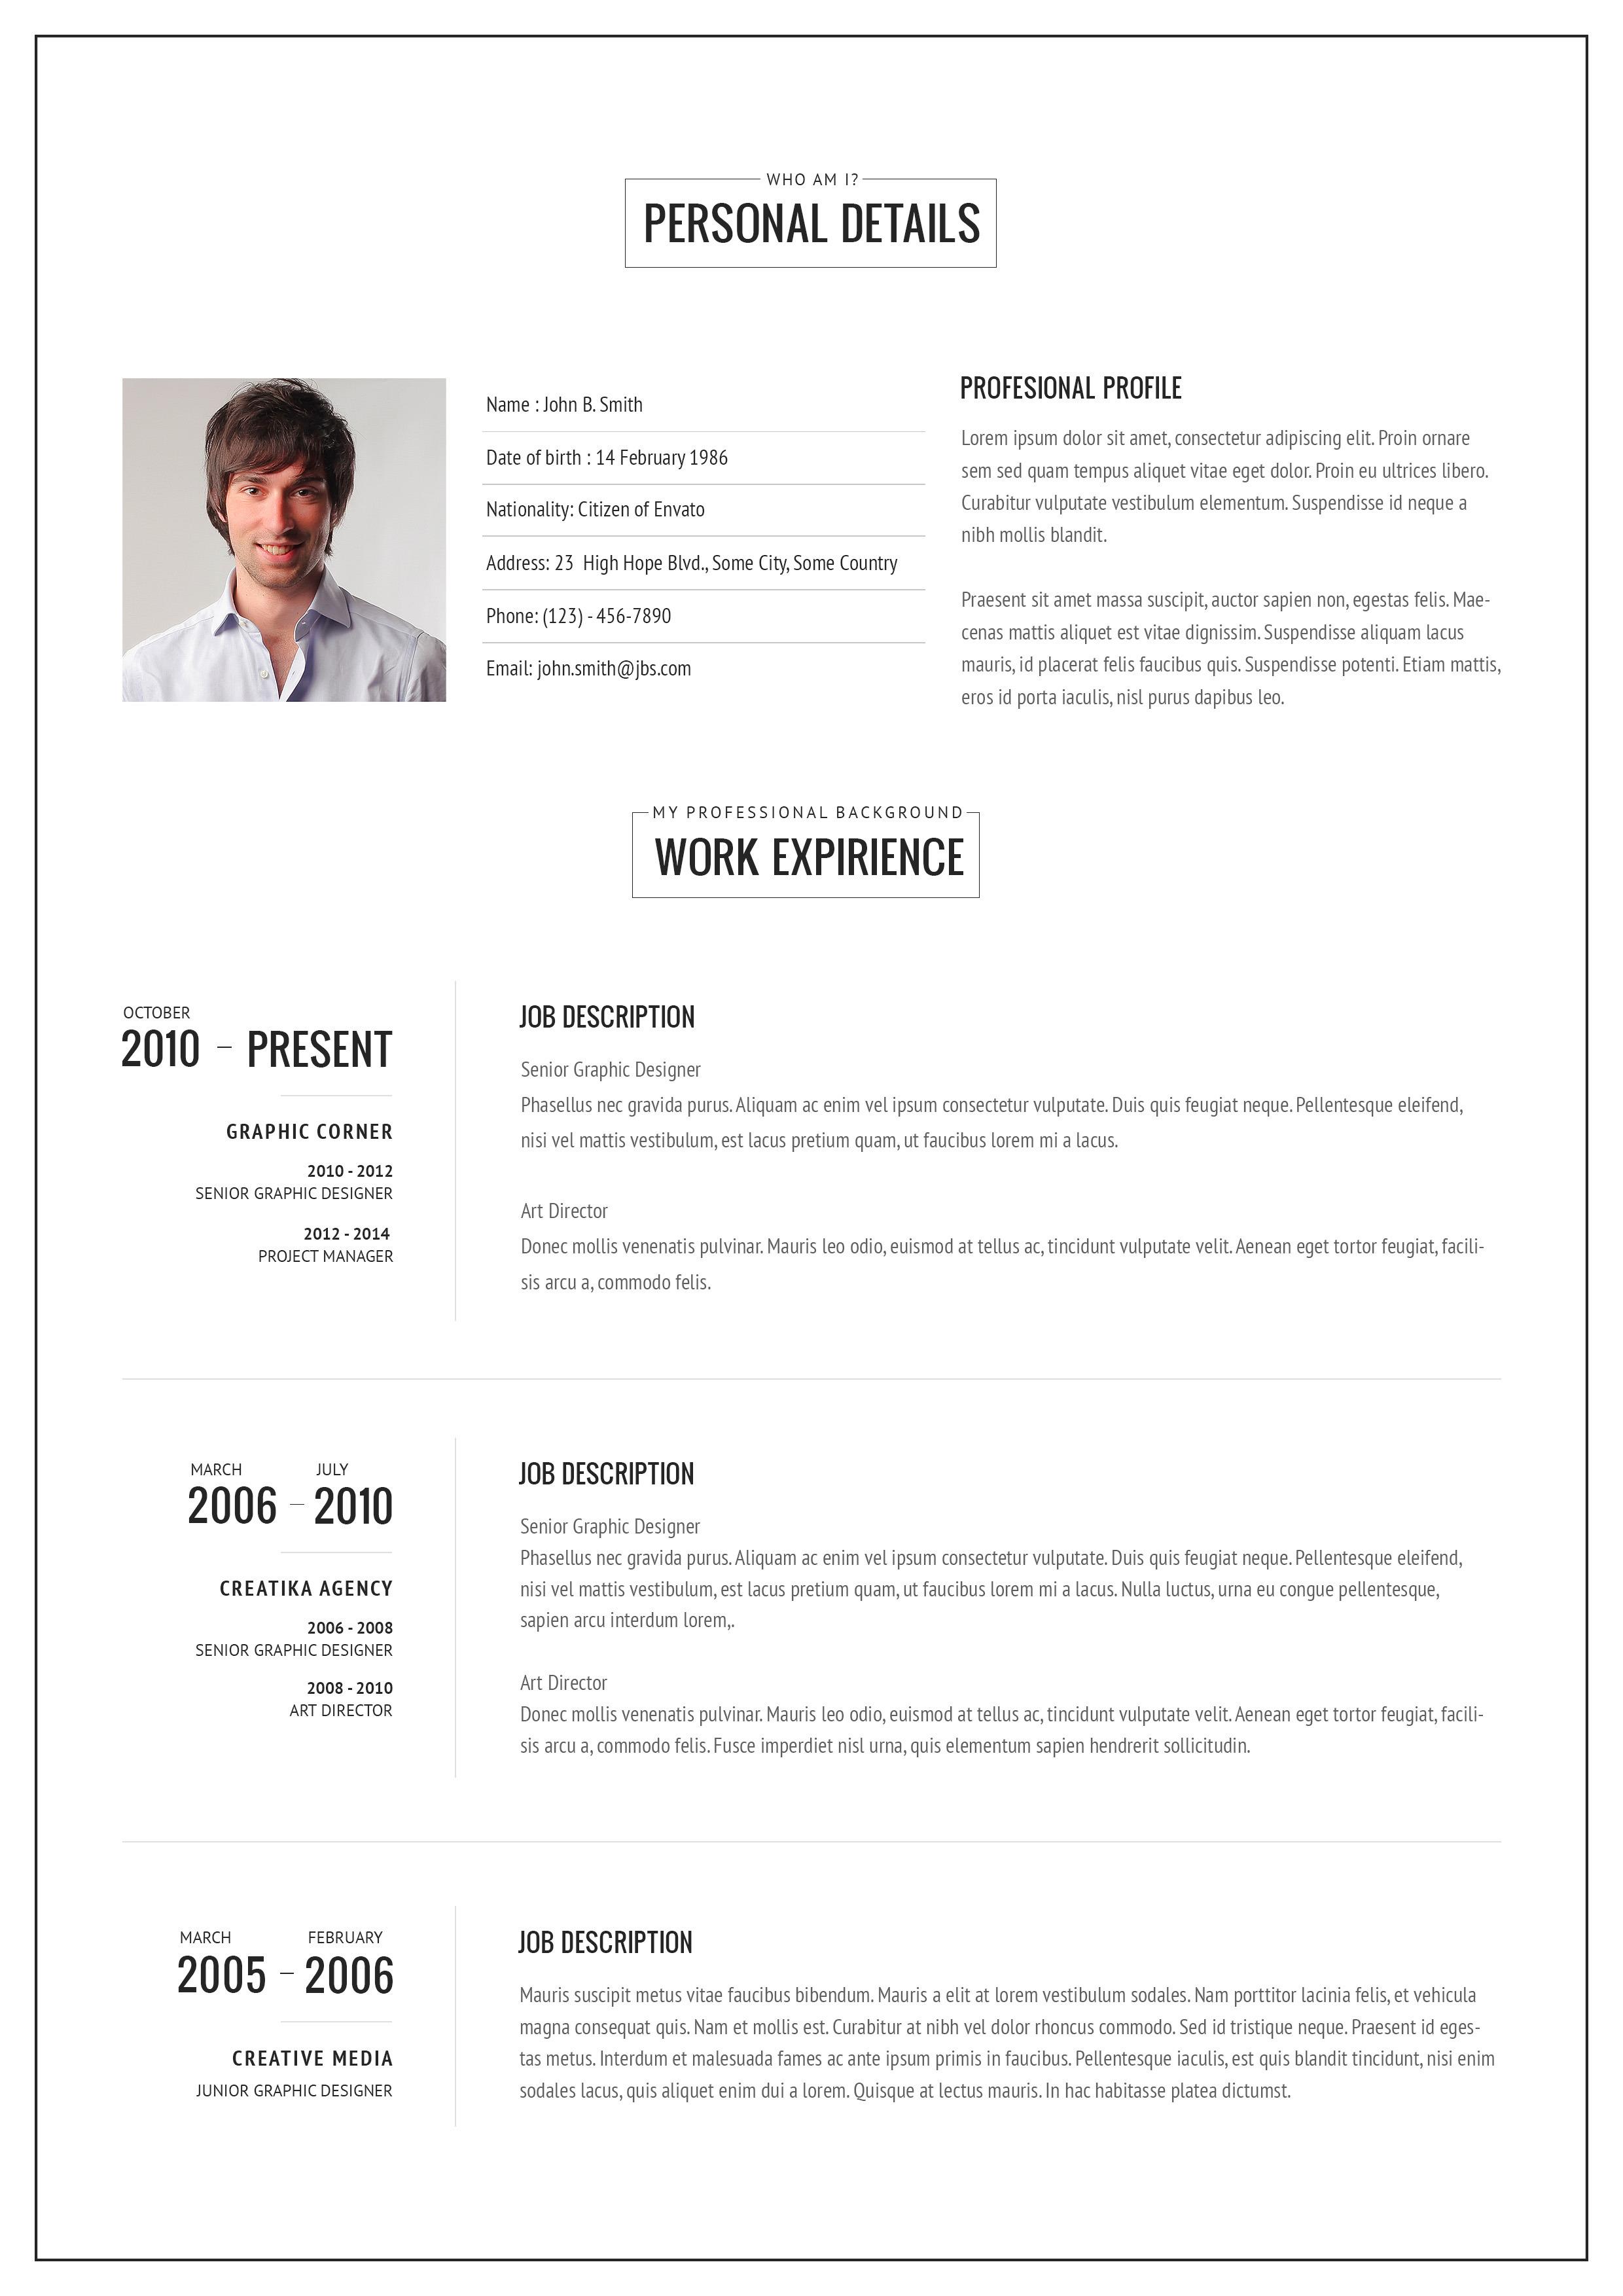 Versus Resume